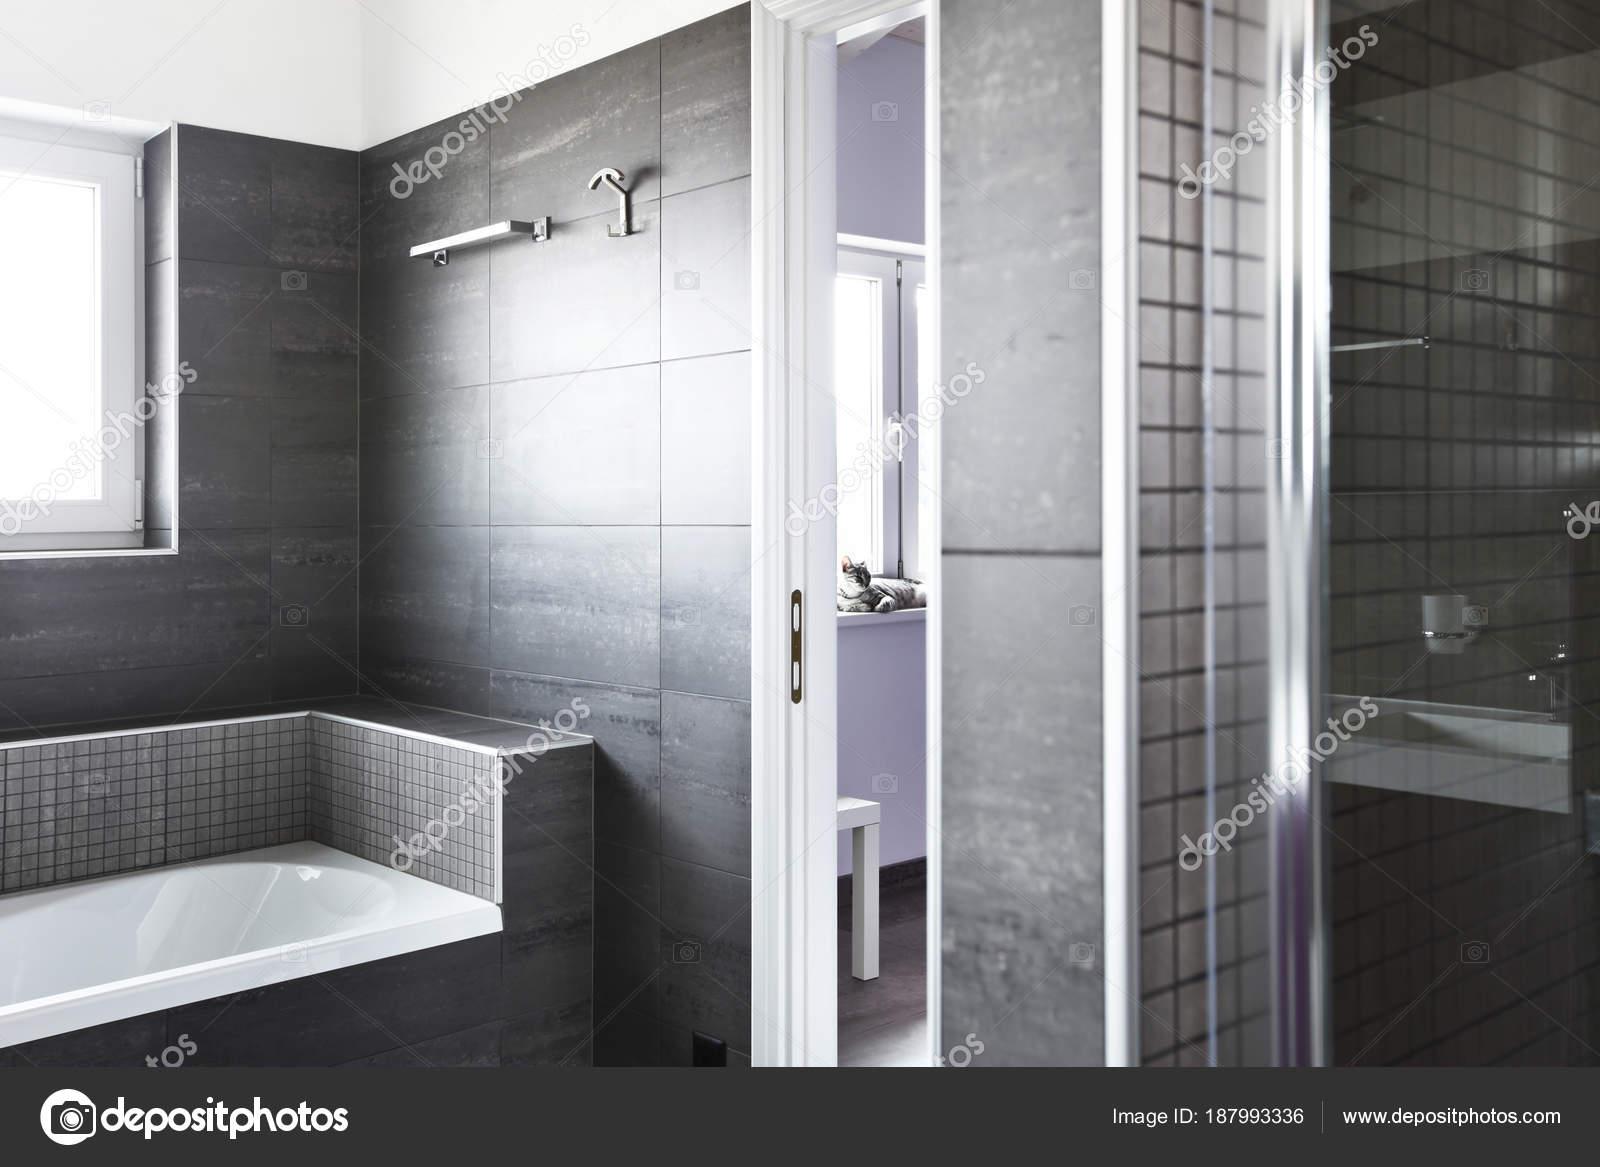 Bagno con piastrelle grigie, elegante e moderni — Foto Stock ...